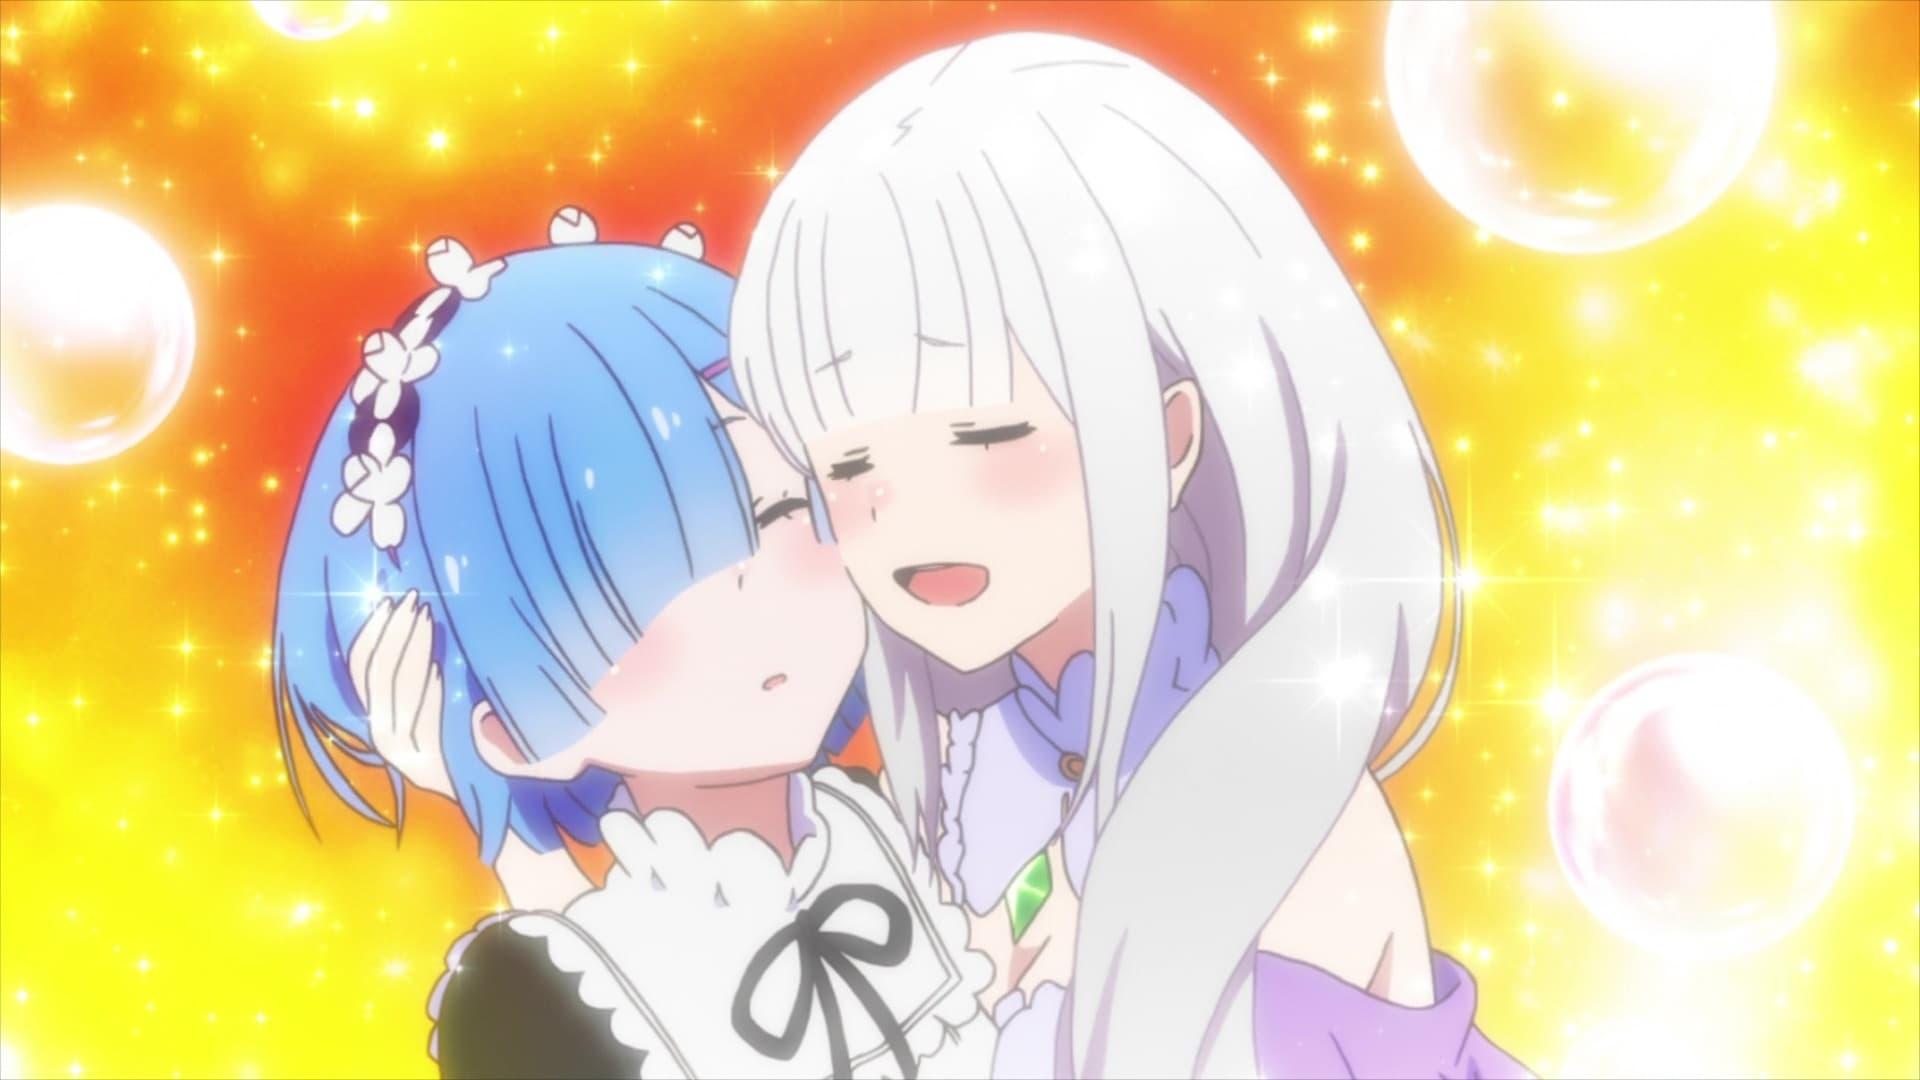 Re: Zero kara Hajimeru Isekai Seikatsu - Memory Snow (2018